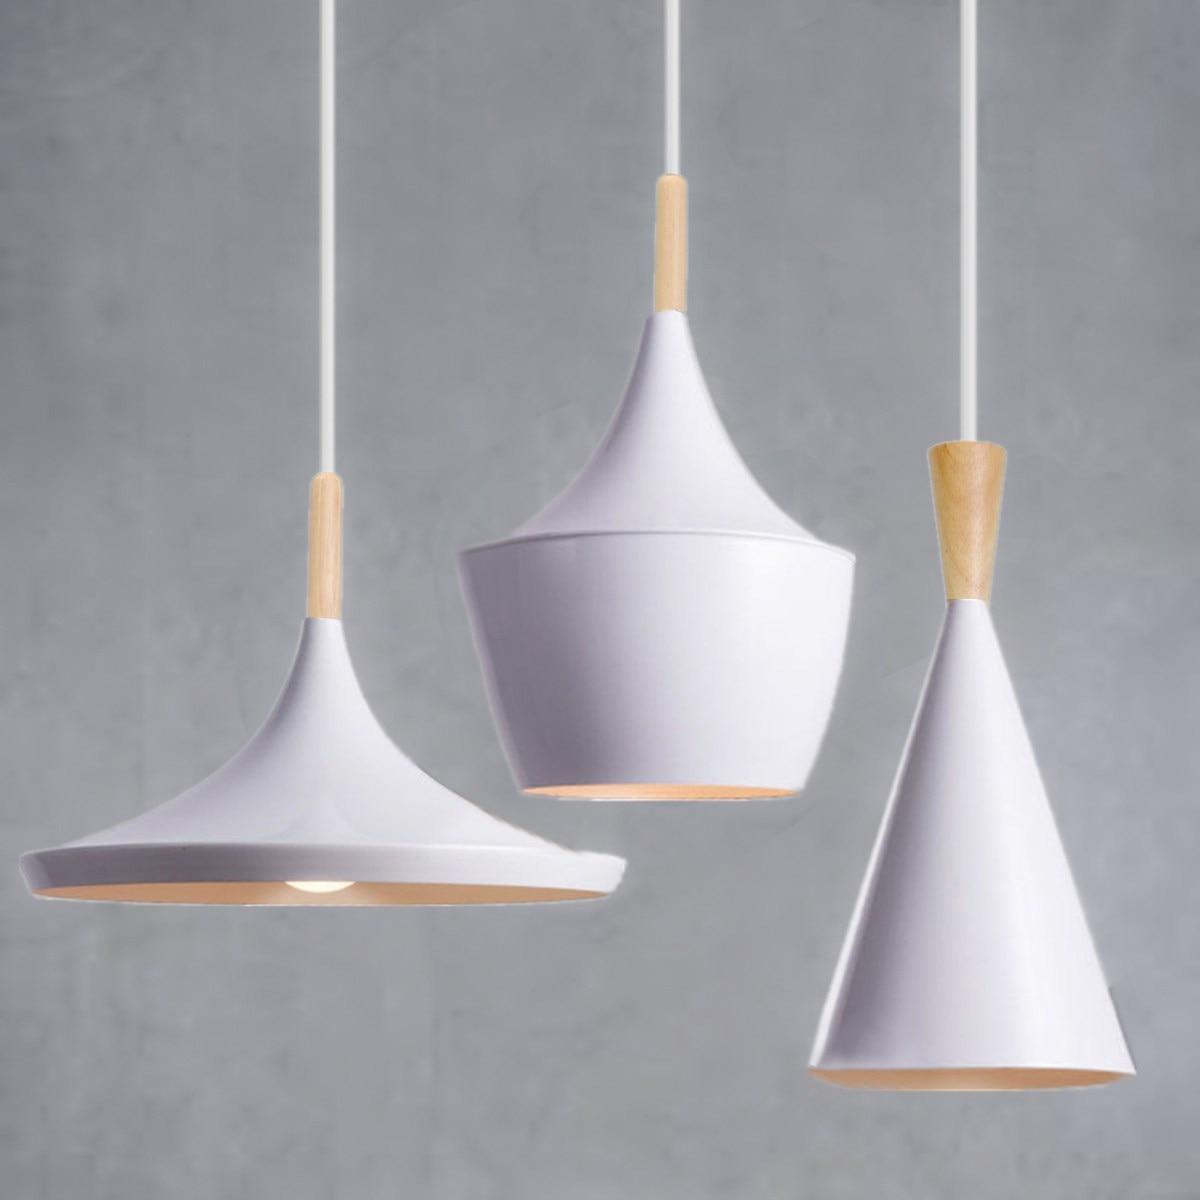 3 styles modern pendant light wood metal e27 socket loft for Modern white pendant lighting